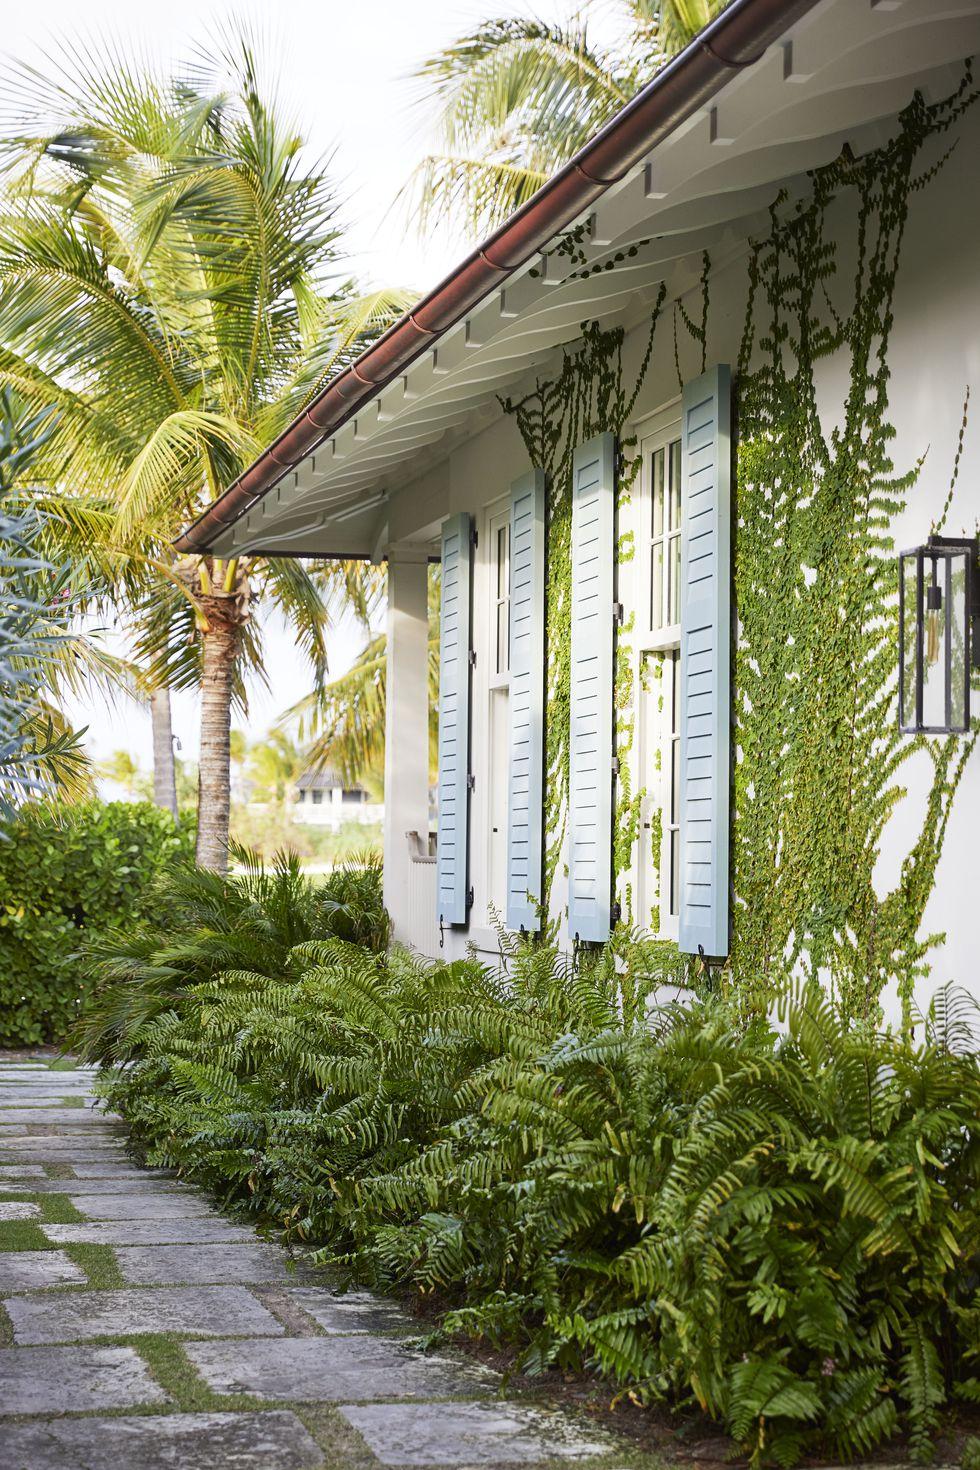 miles-redd-bahamas-exterior-veranda-1561060408.jpg